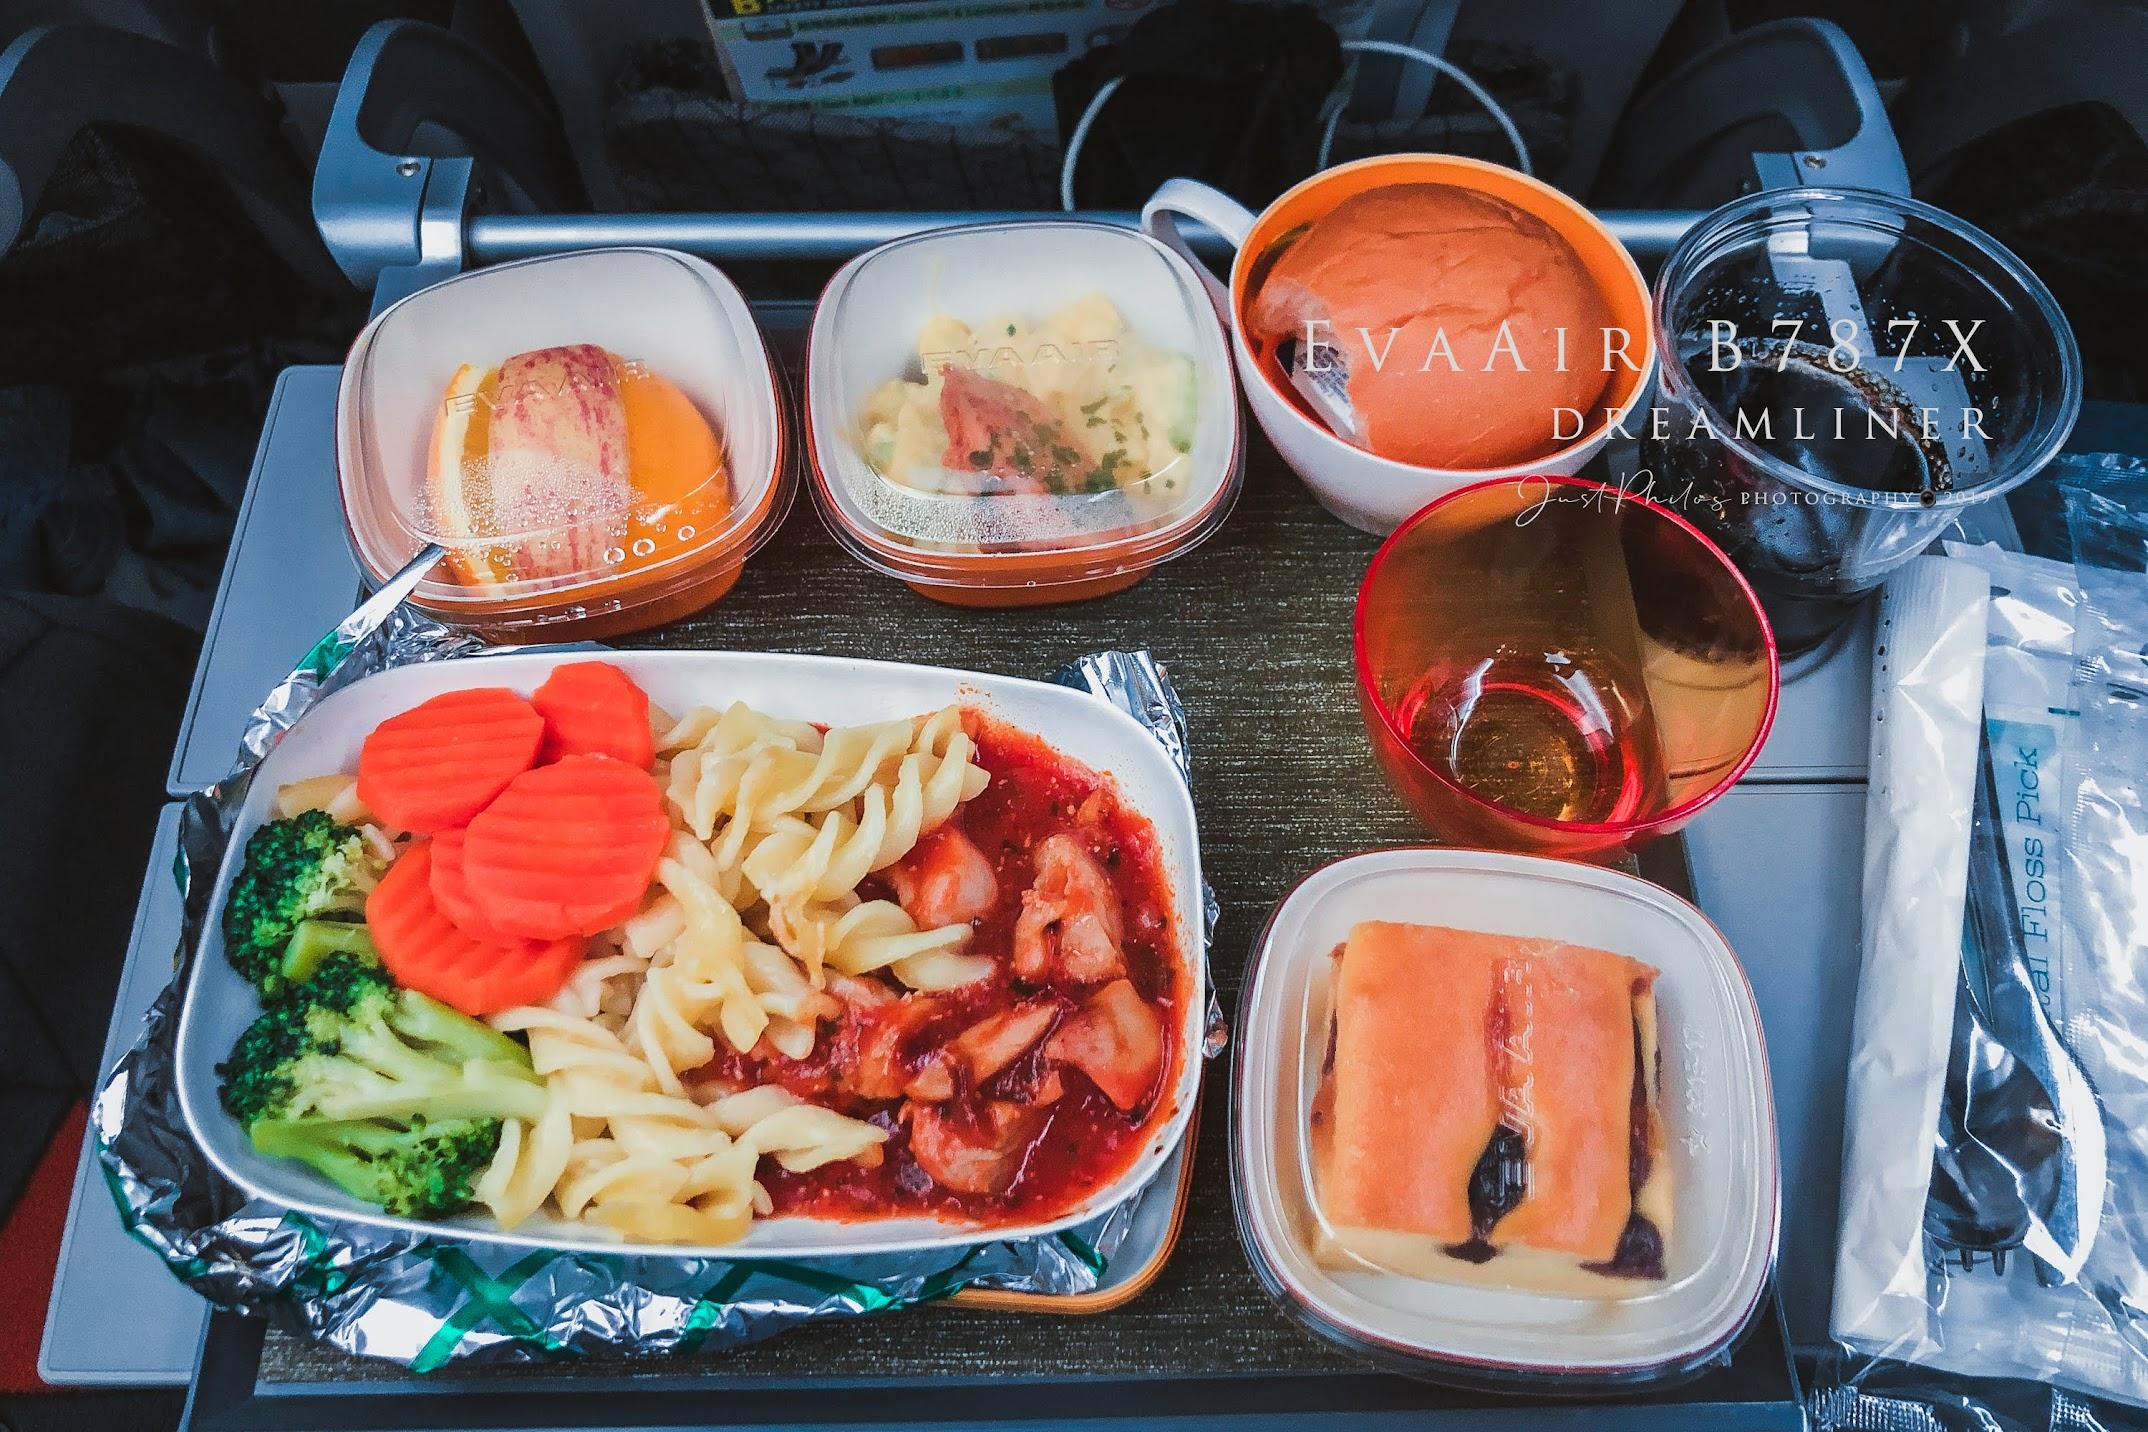 回程部分則是點了海鮮管麵(因為另外一種是牛肉不能選擇),水準依舊不錯,只可惜已經吃過晚餐所以沒有將全部的餐點都吃完。